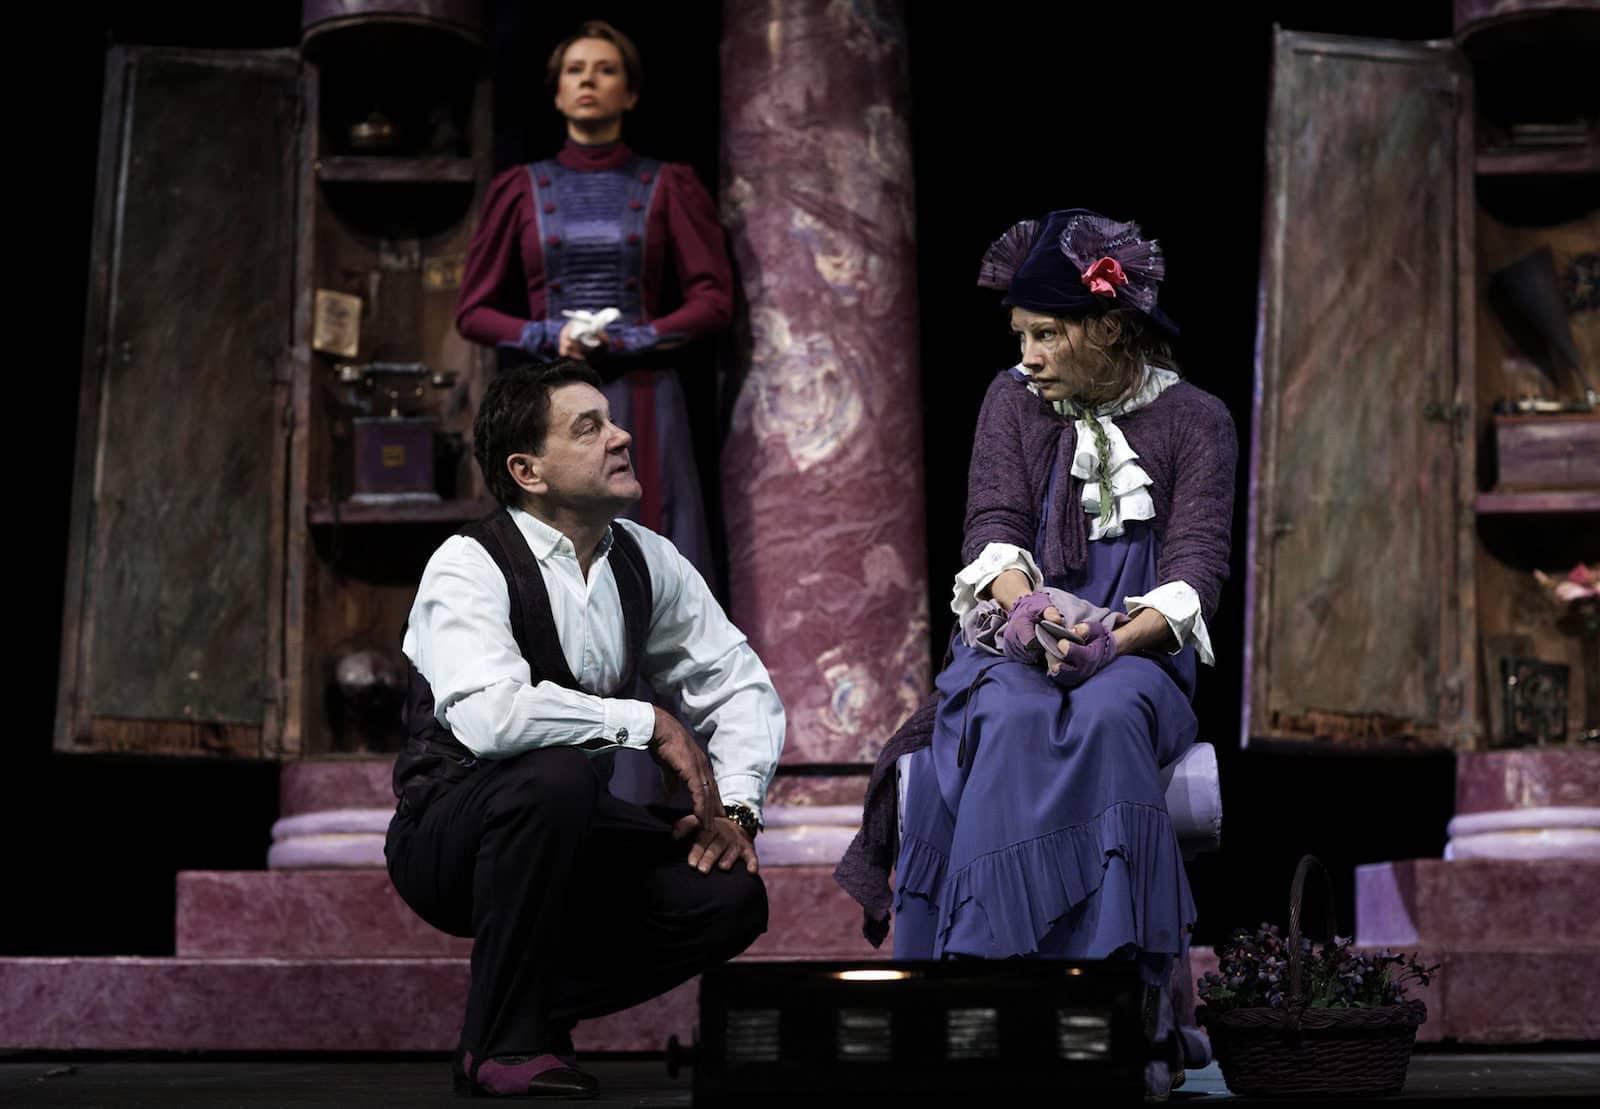 Спектакль «Пигмалион» в театре «Современнике» в Москве